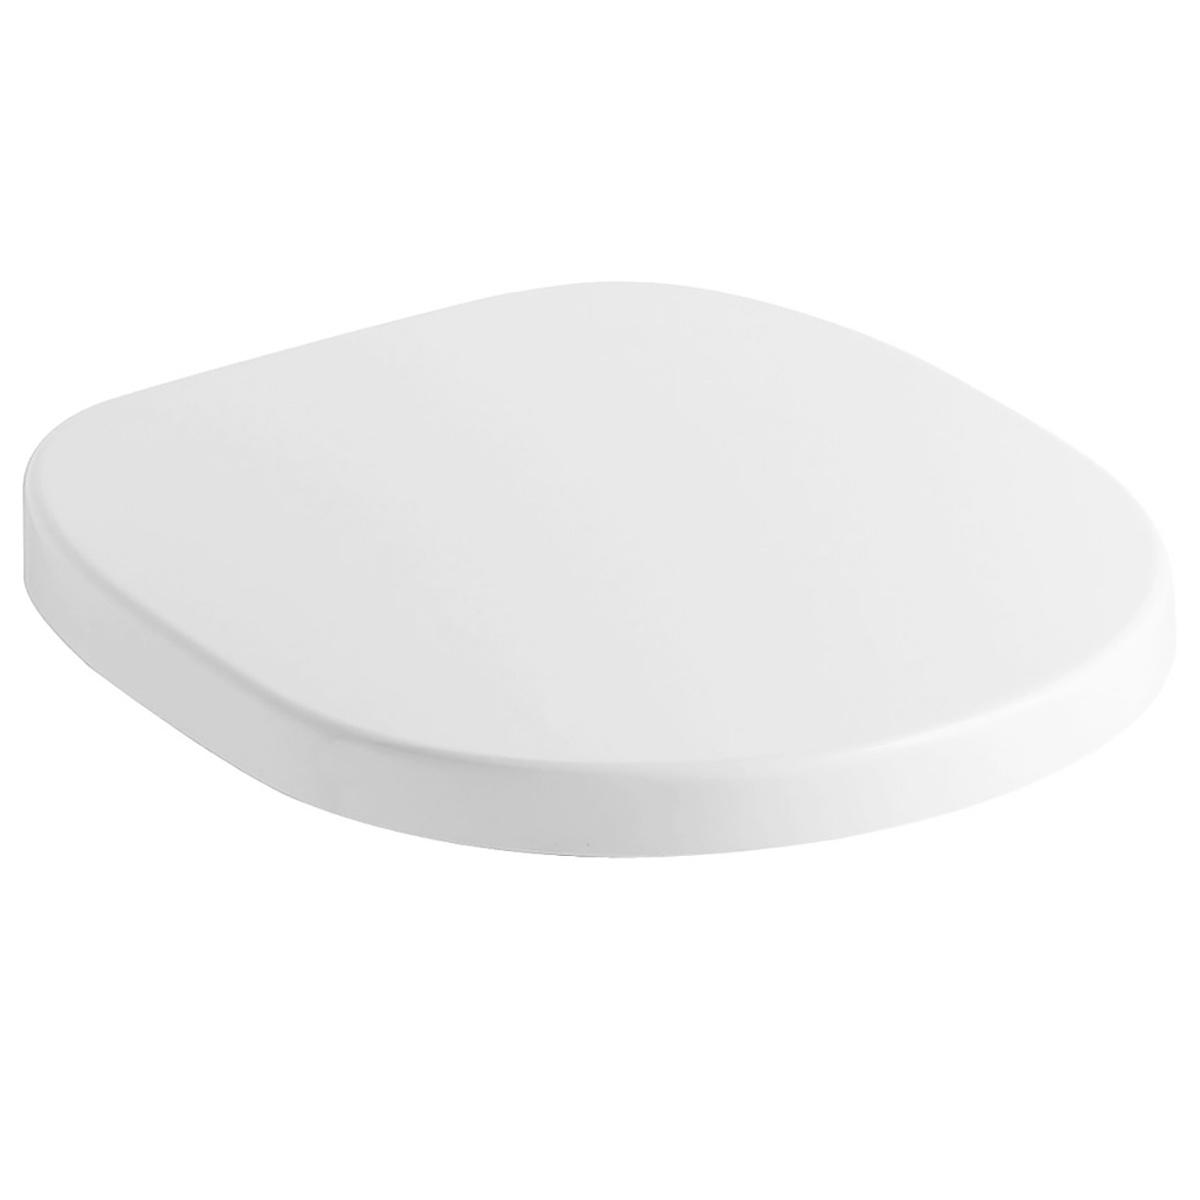 Сиденье для унитаза Ideal Standard Connect E712801 сиденье ideal standard connect air для унитаза тонкое с микролифтом белый e036601